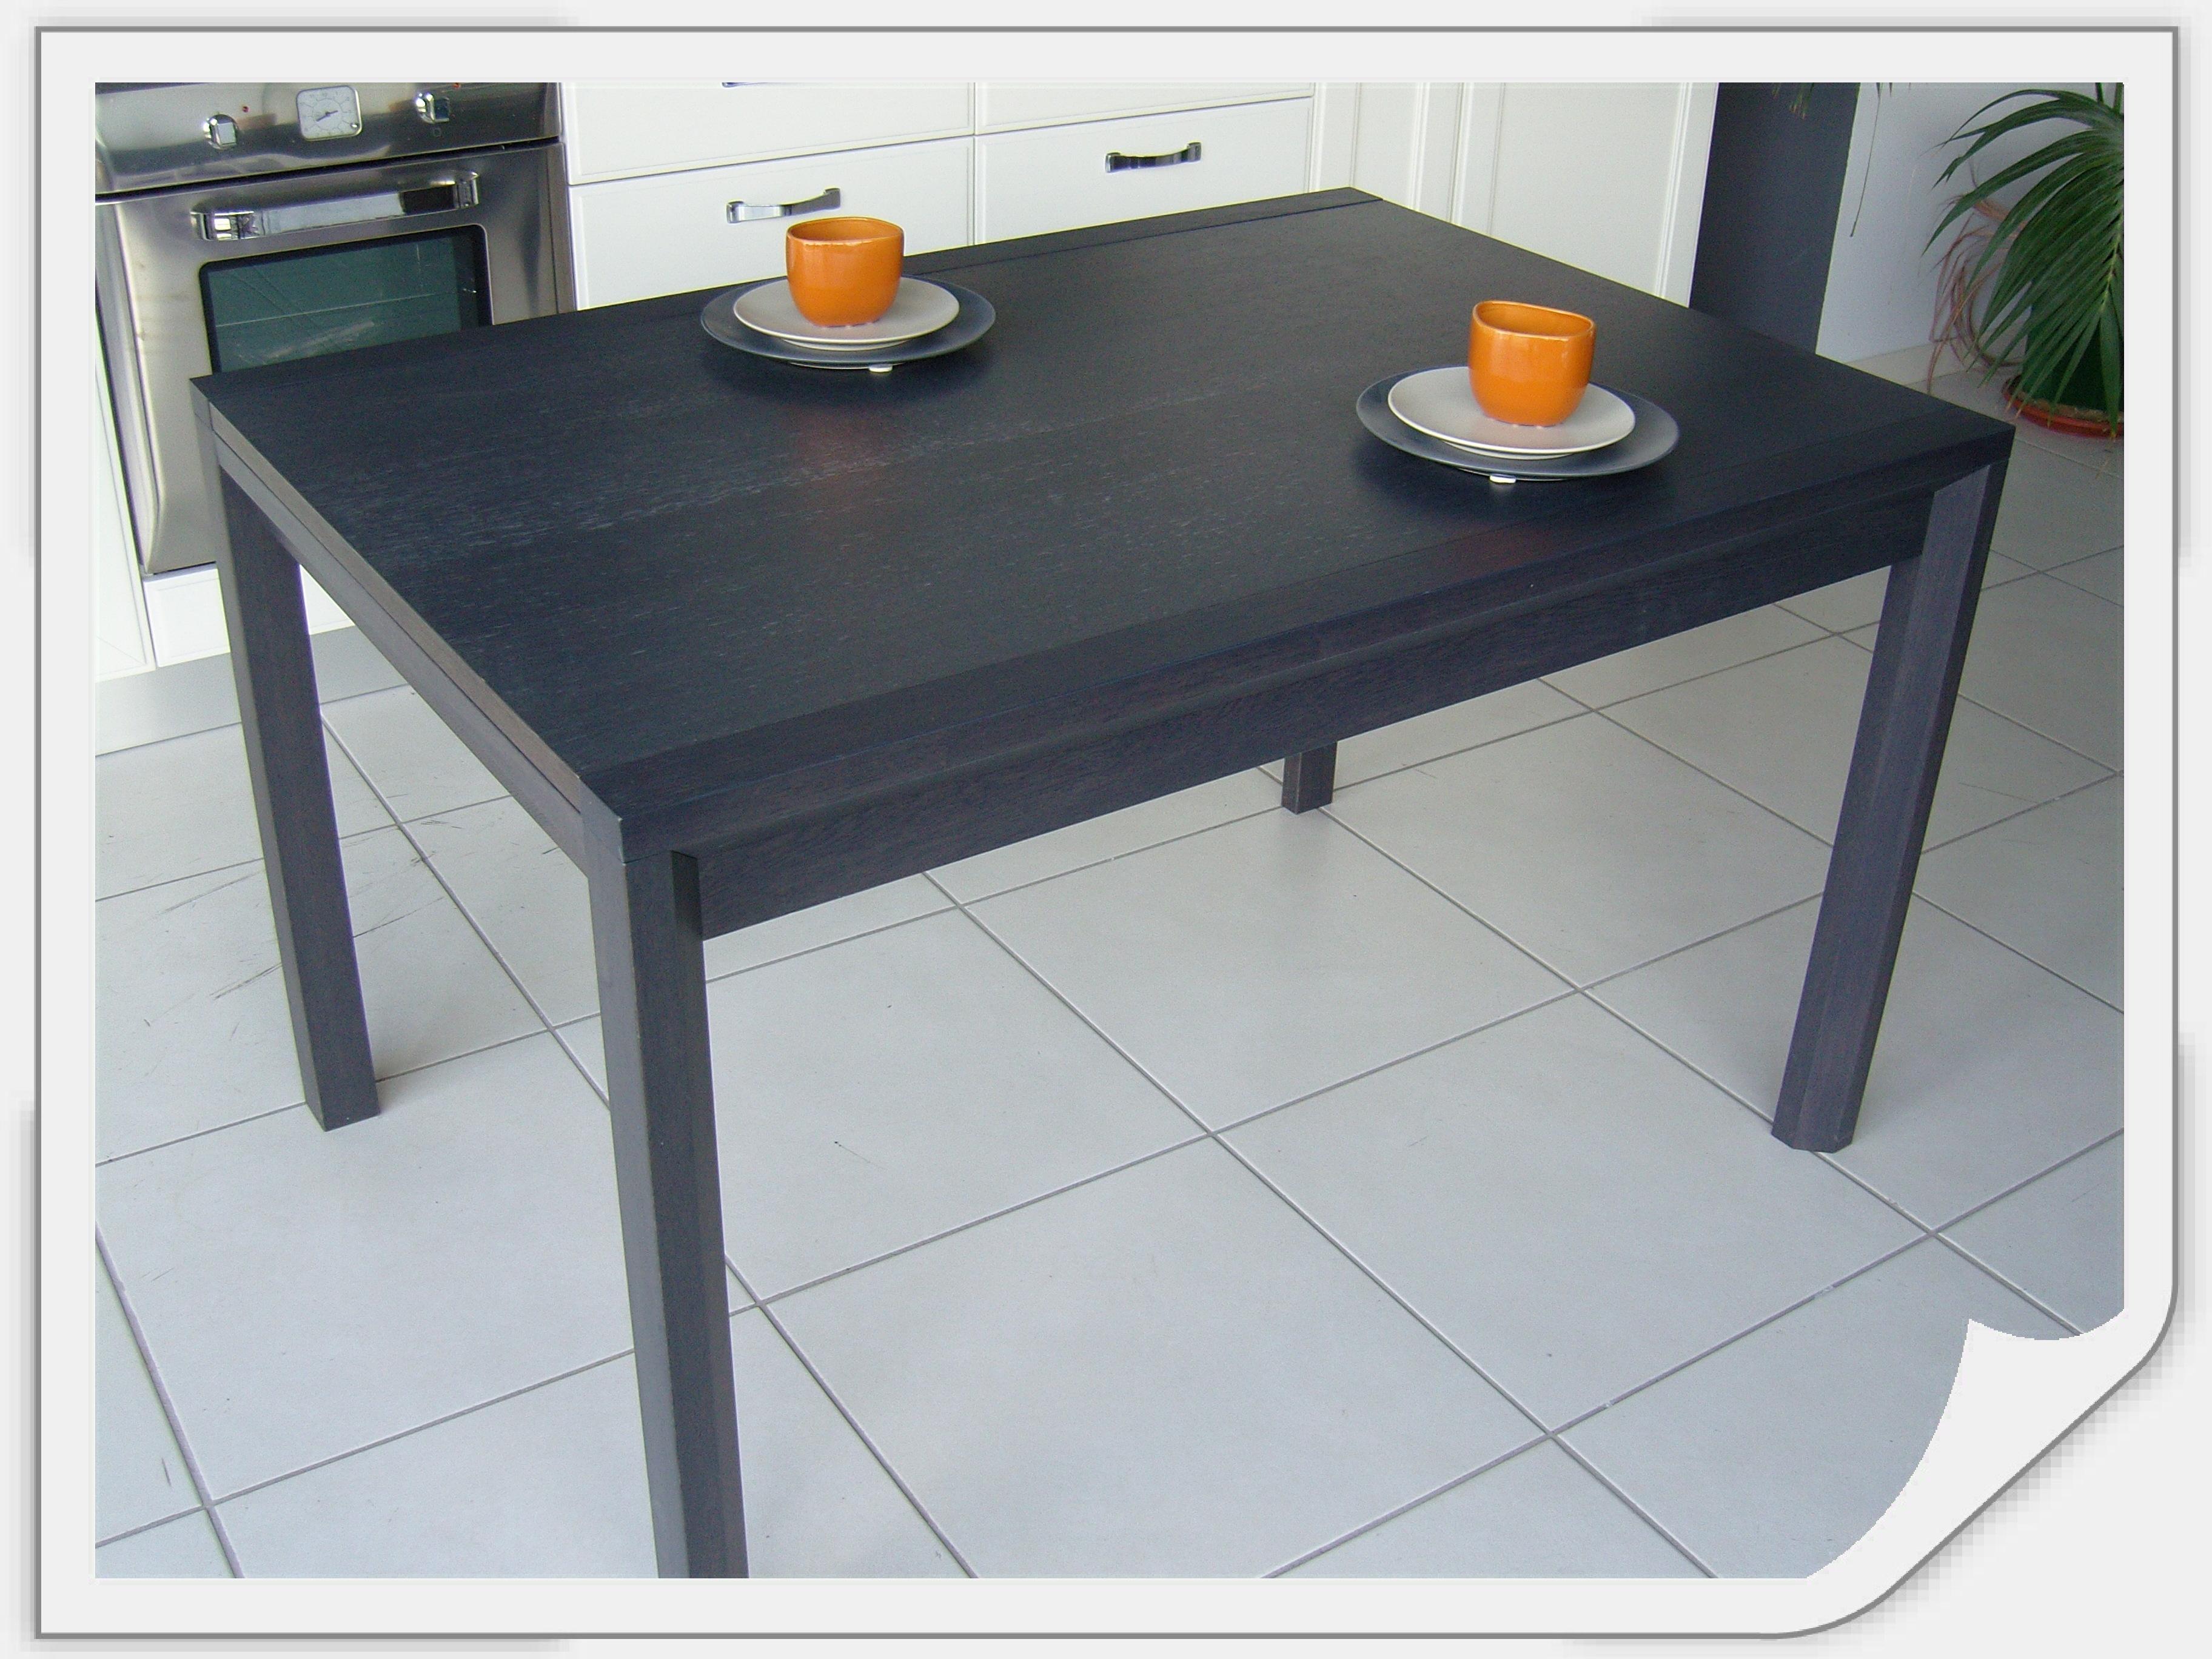 Tavolo treviso ged cucine rettangolare allungabile scontato del 42 tavoli a prezzi scontati - Tavoli regolabili in altezza prezzi ...